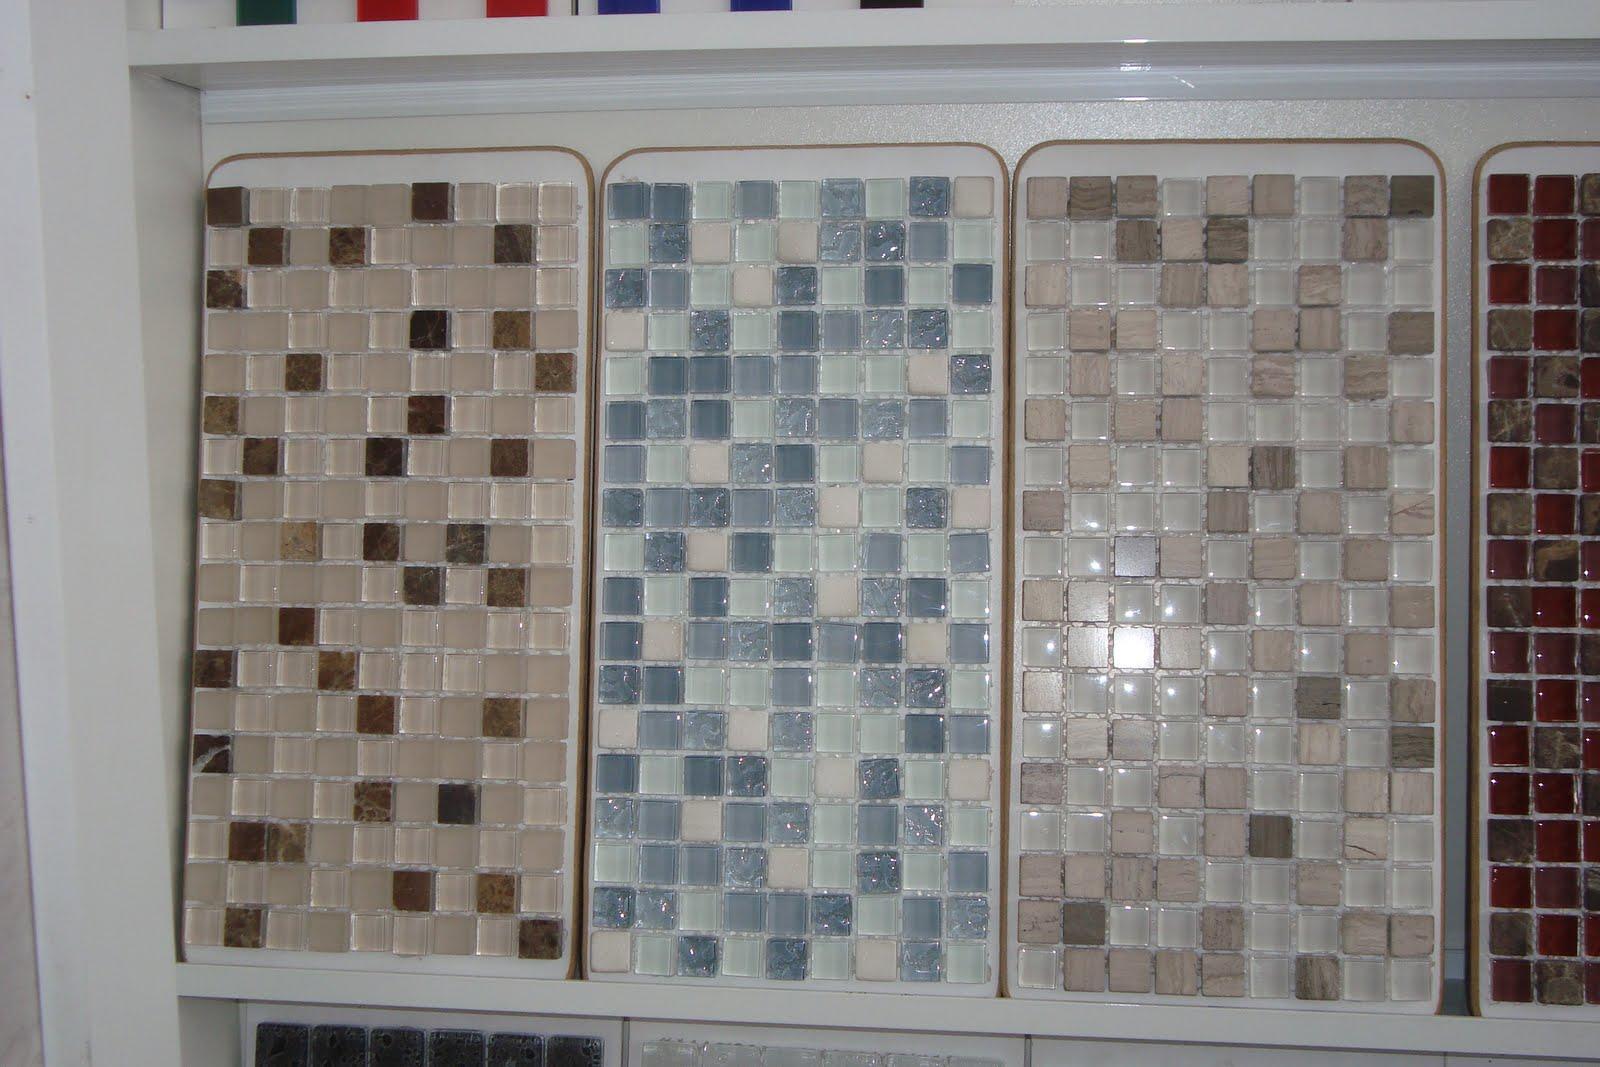 Pastilha bege clarinha p/ detalhes na parede (3 filheira) #3C2C28 1600x1067 Banheiro Com Pastilhas Marron